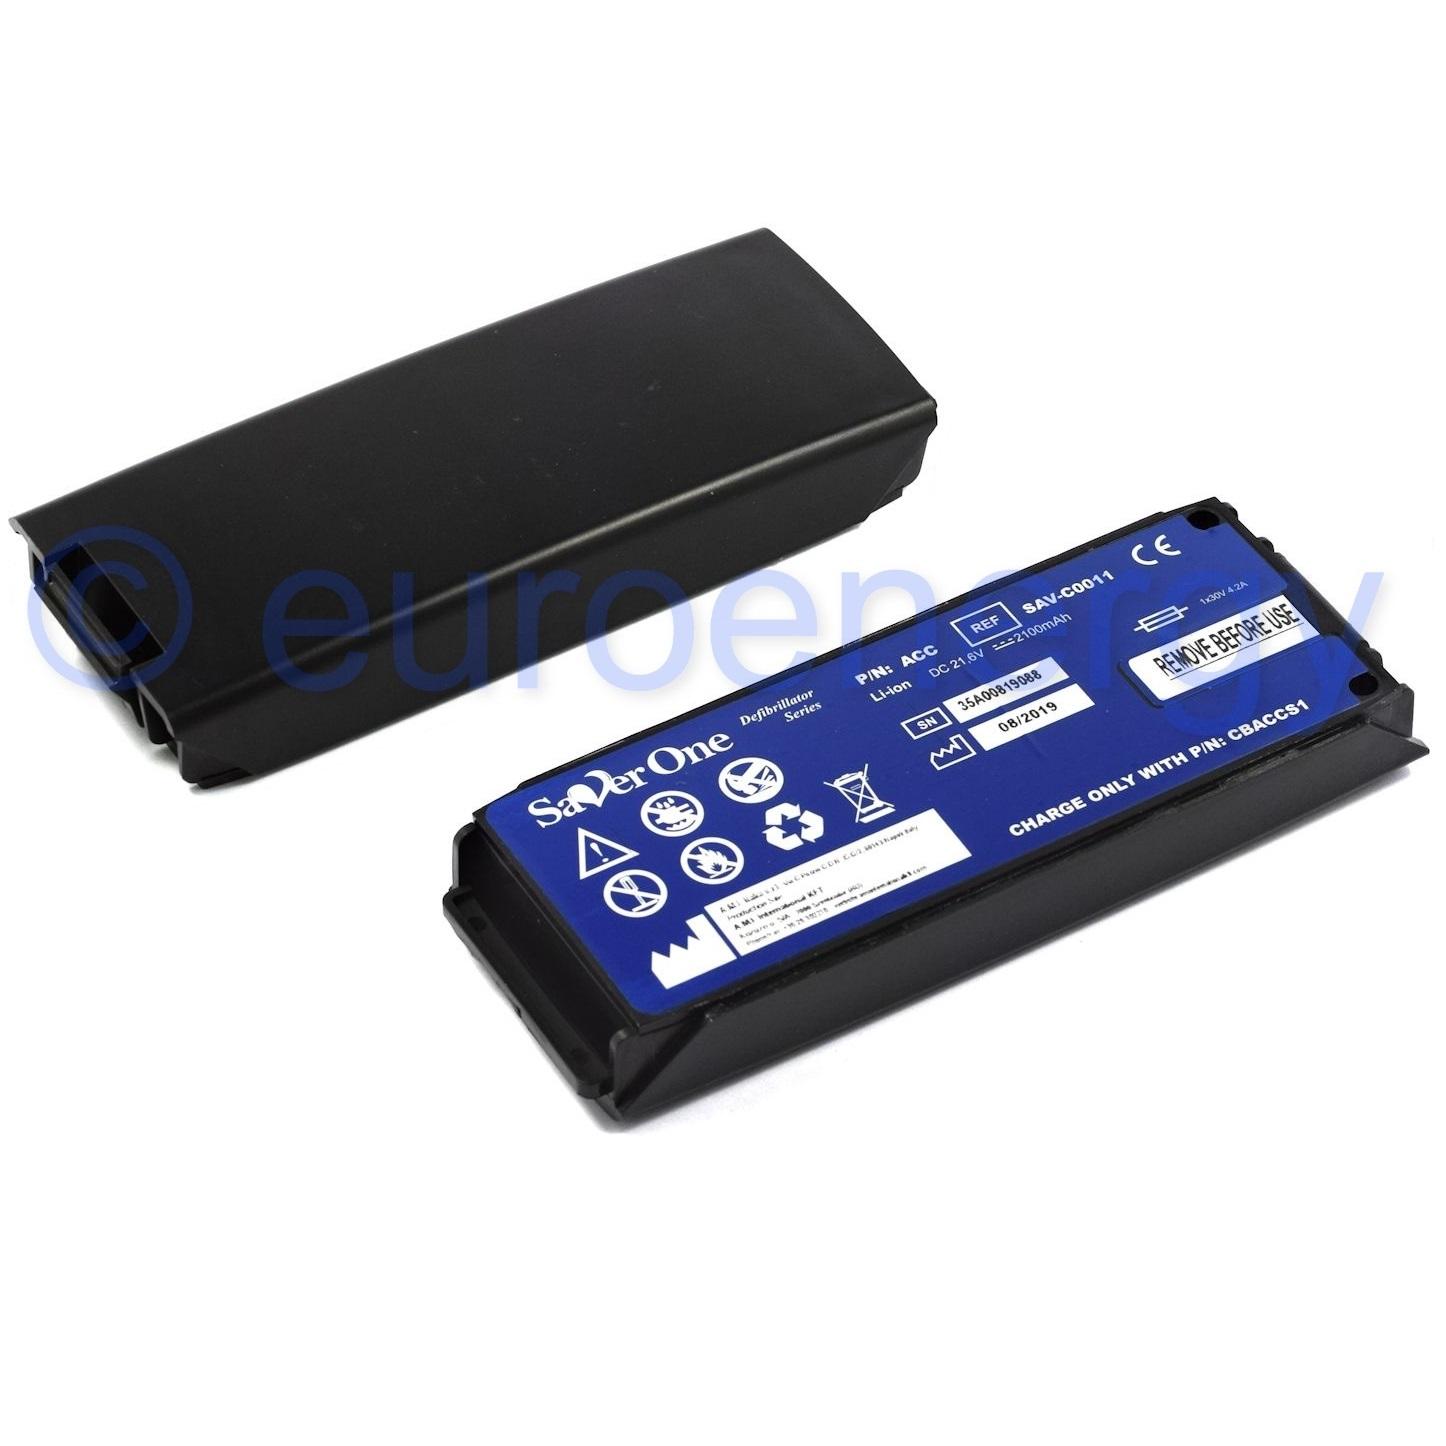 Saver One battery SAV-C0011 Original Medical battery 02398